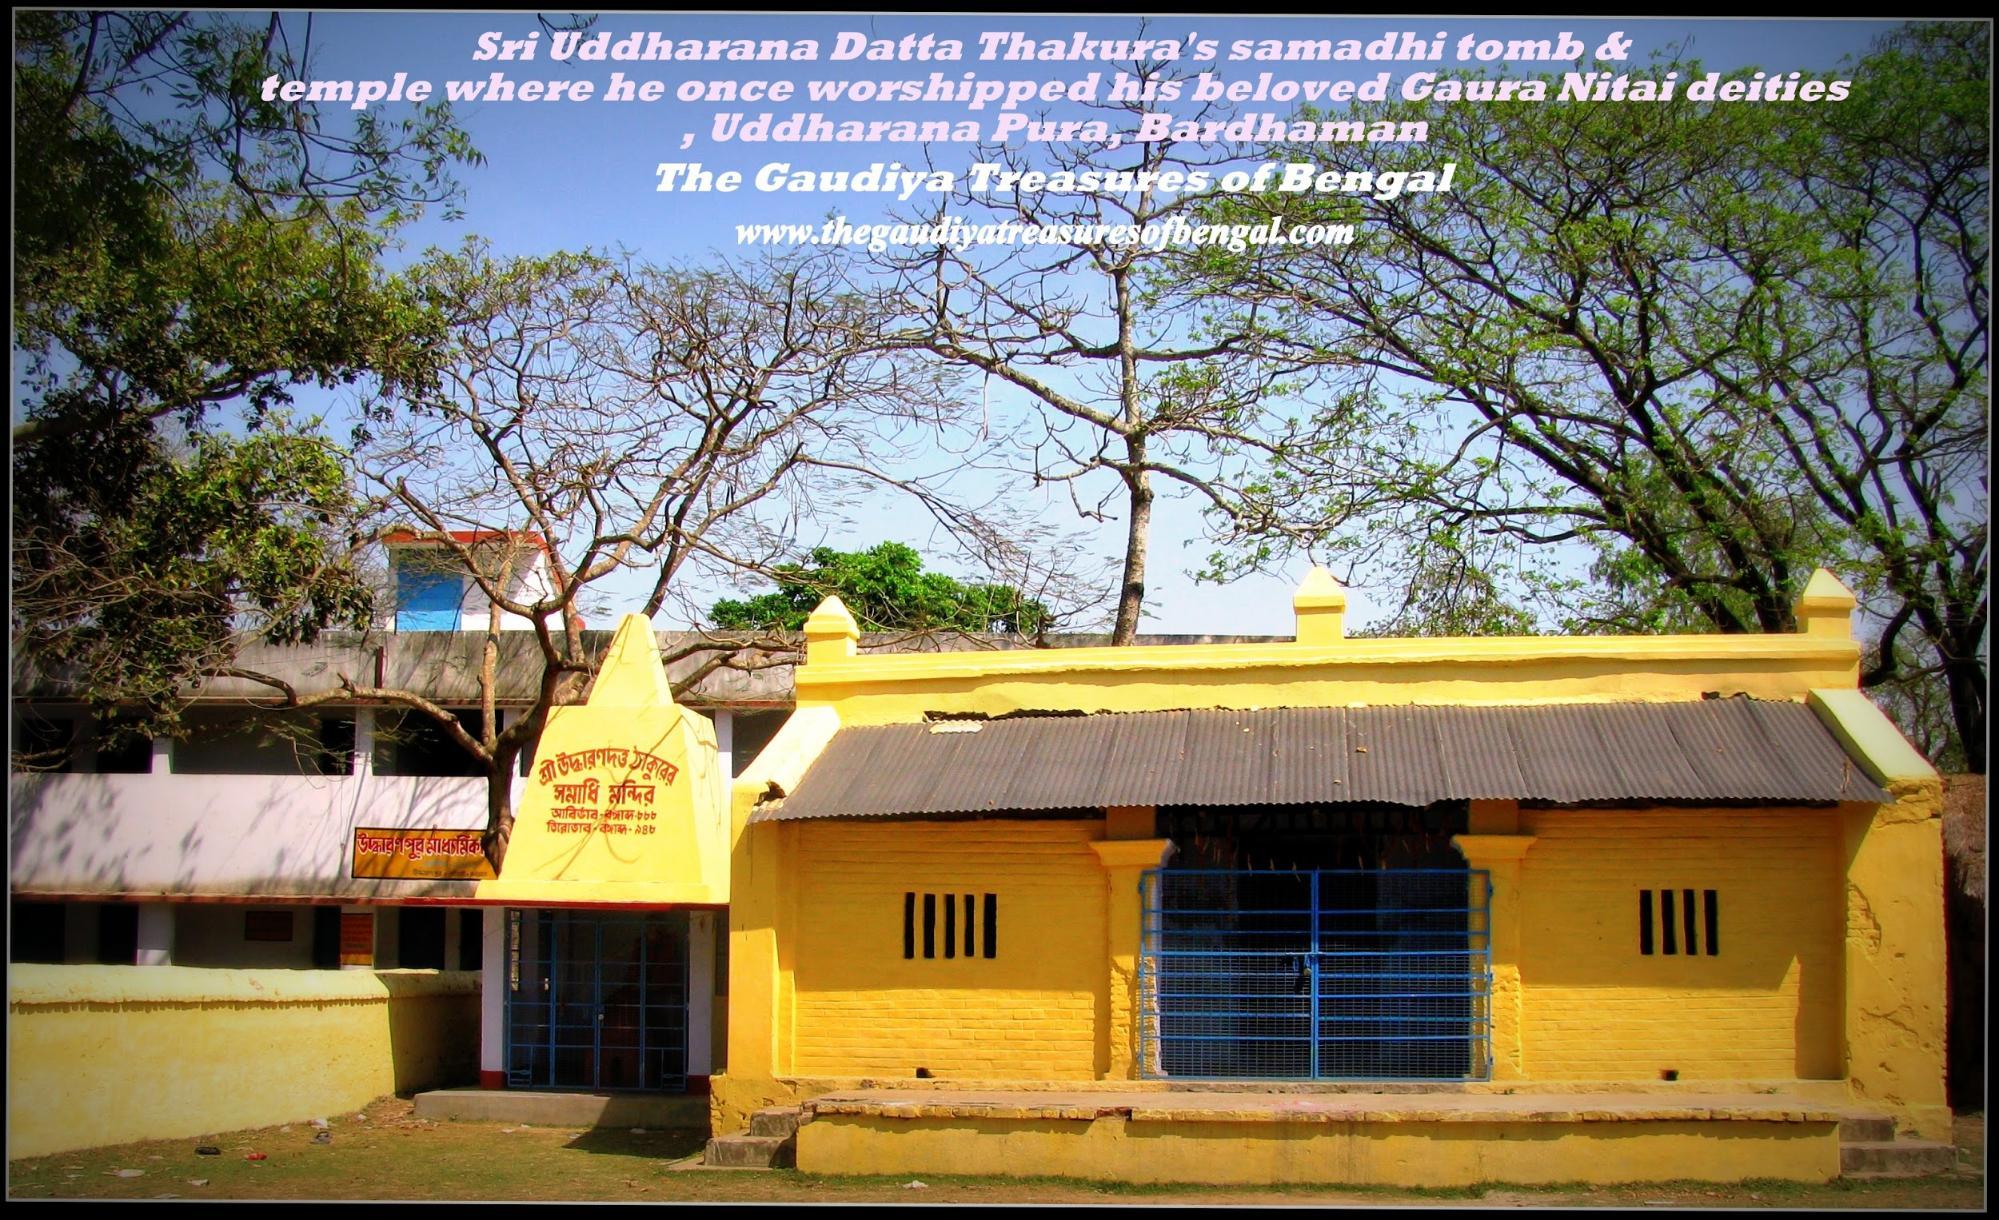 uddharana pura